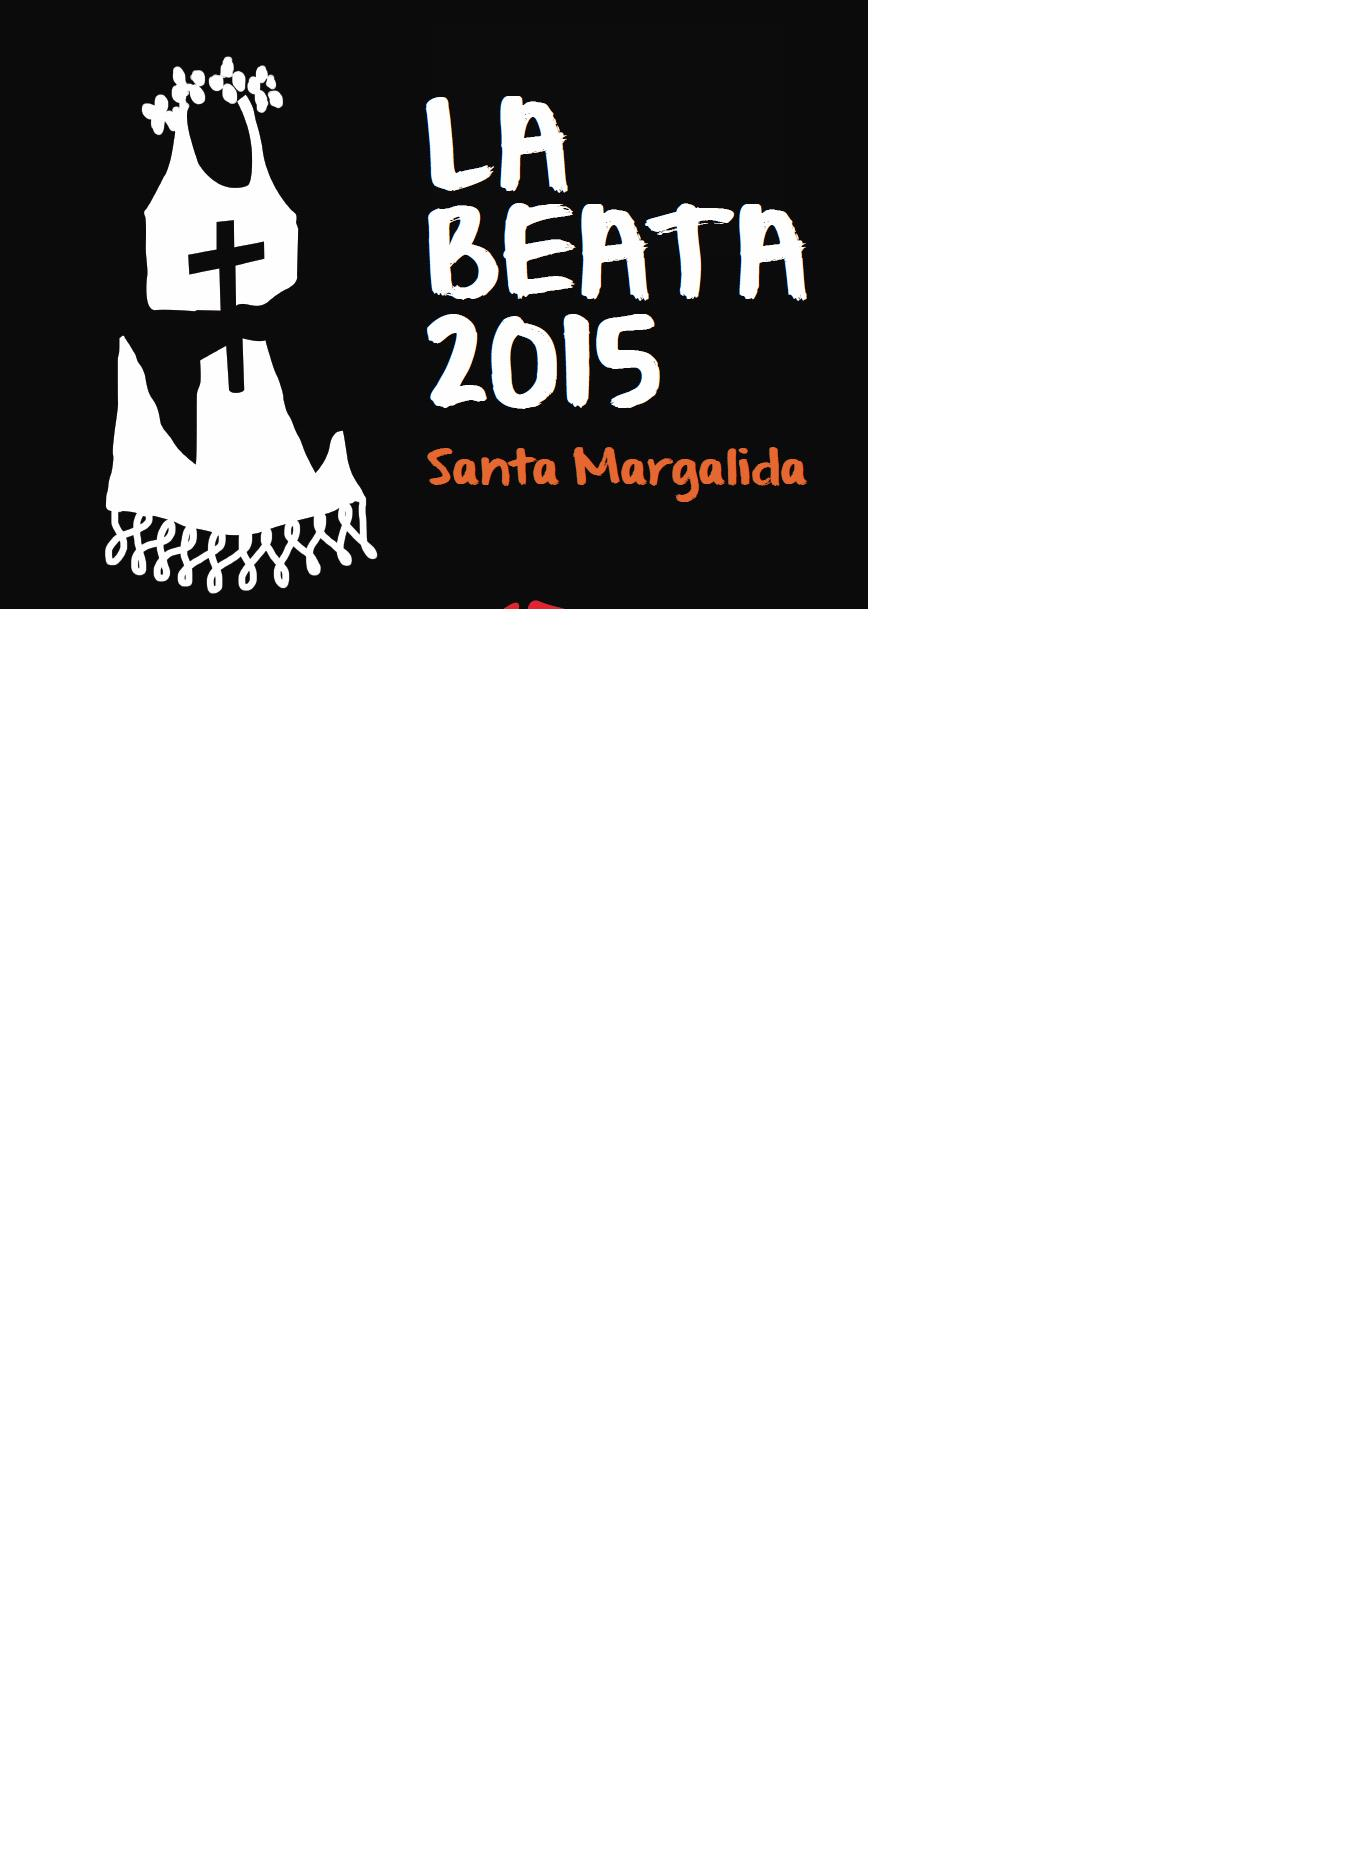 La beata 2015